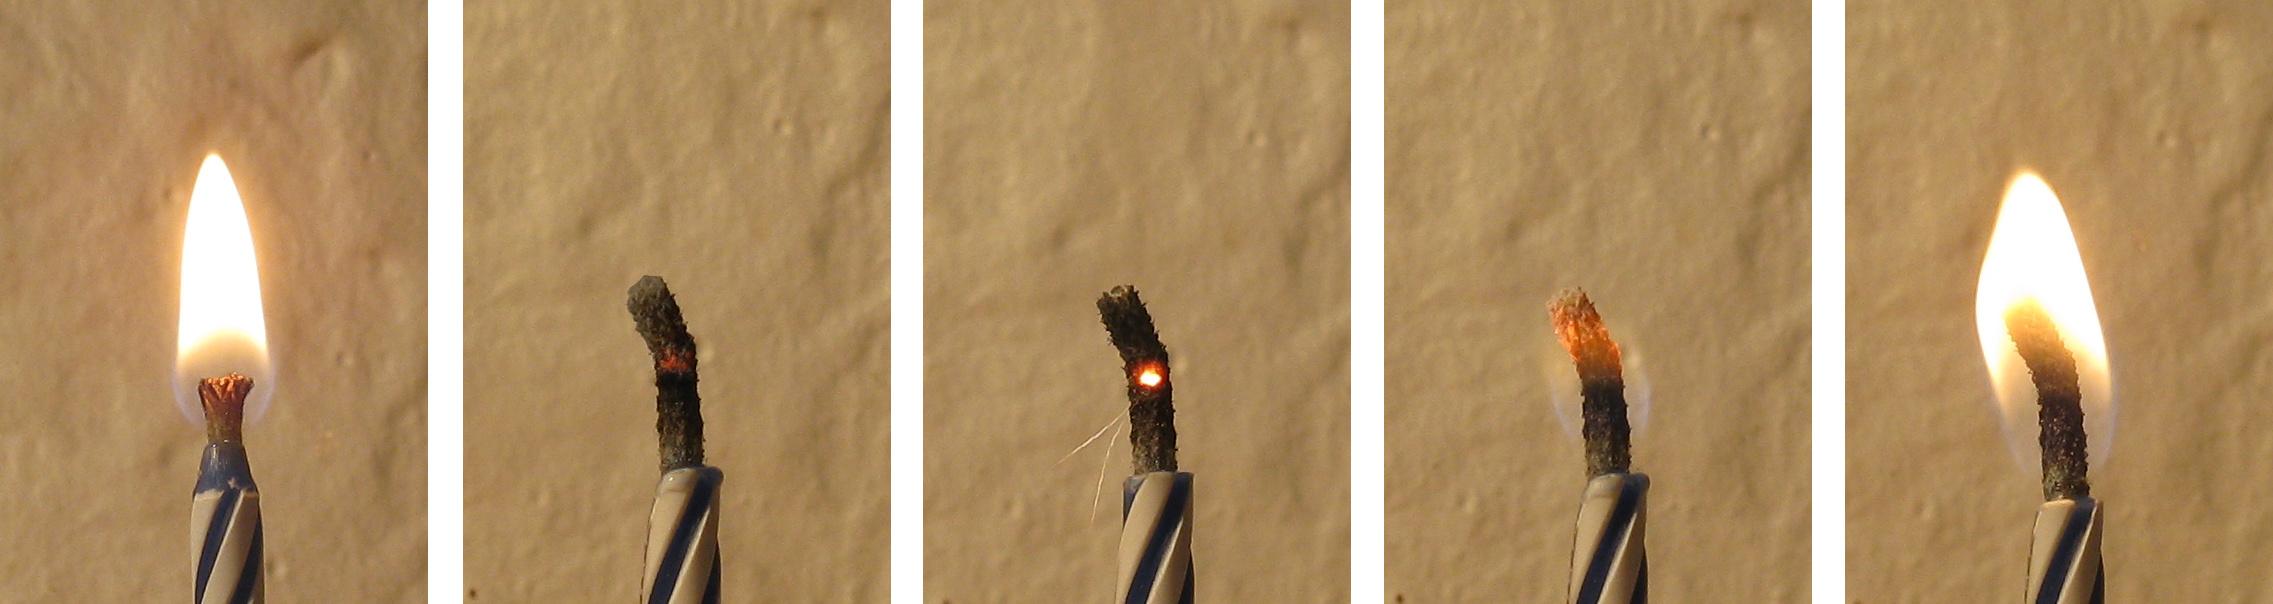 Pourquoi les bougies magiques se rallument elles - Comment personnaliser une bougie ...